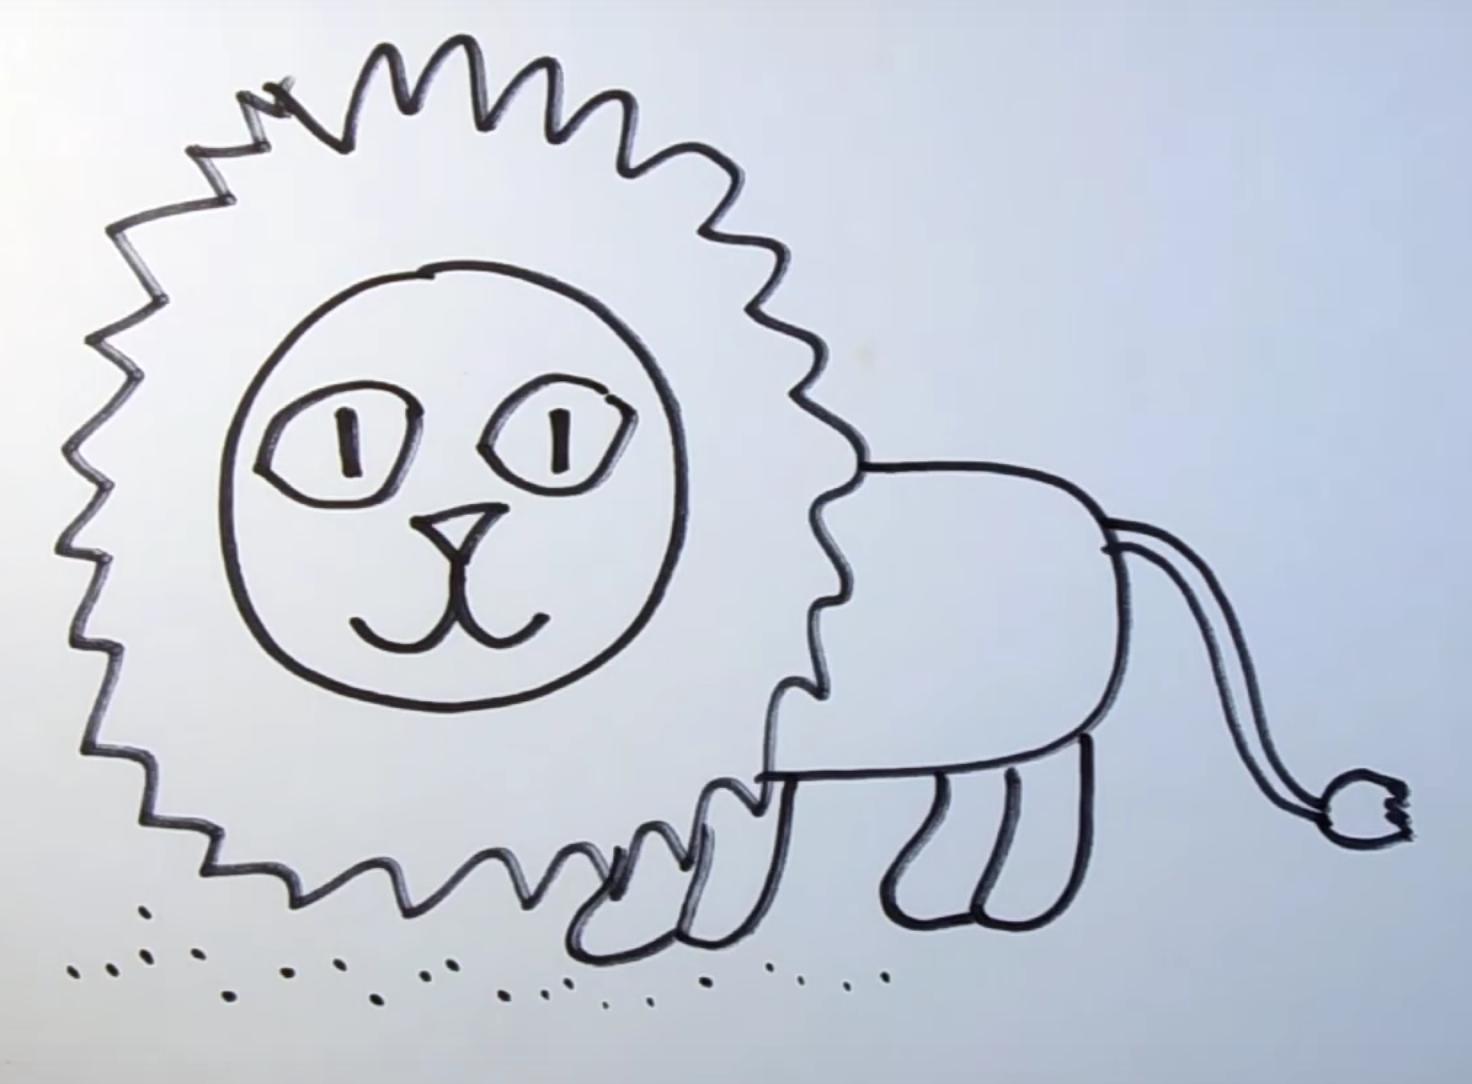 как нарисовать льва карандашом инструкция для ребенка фото 1